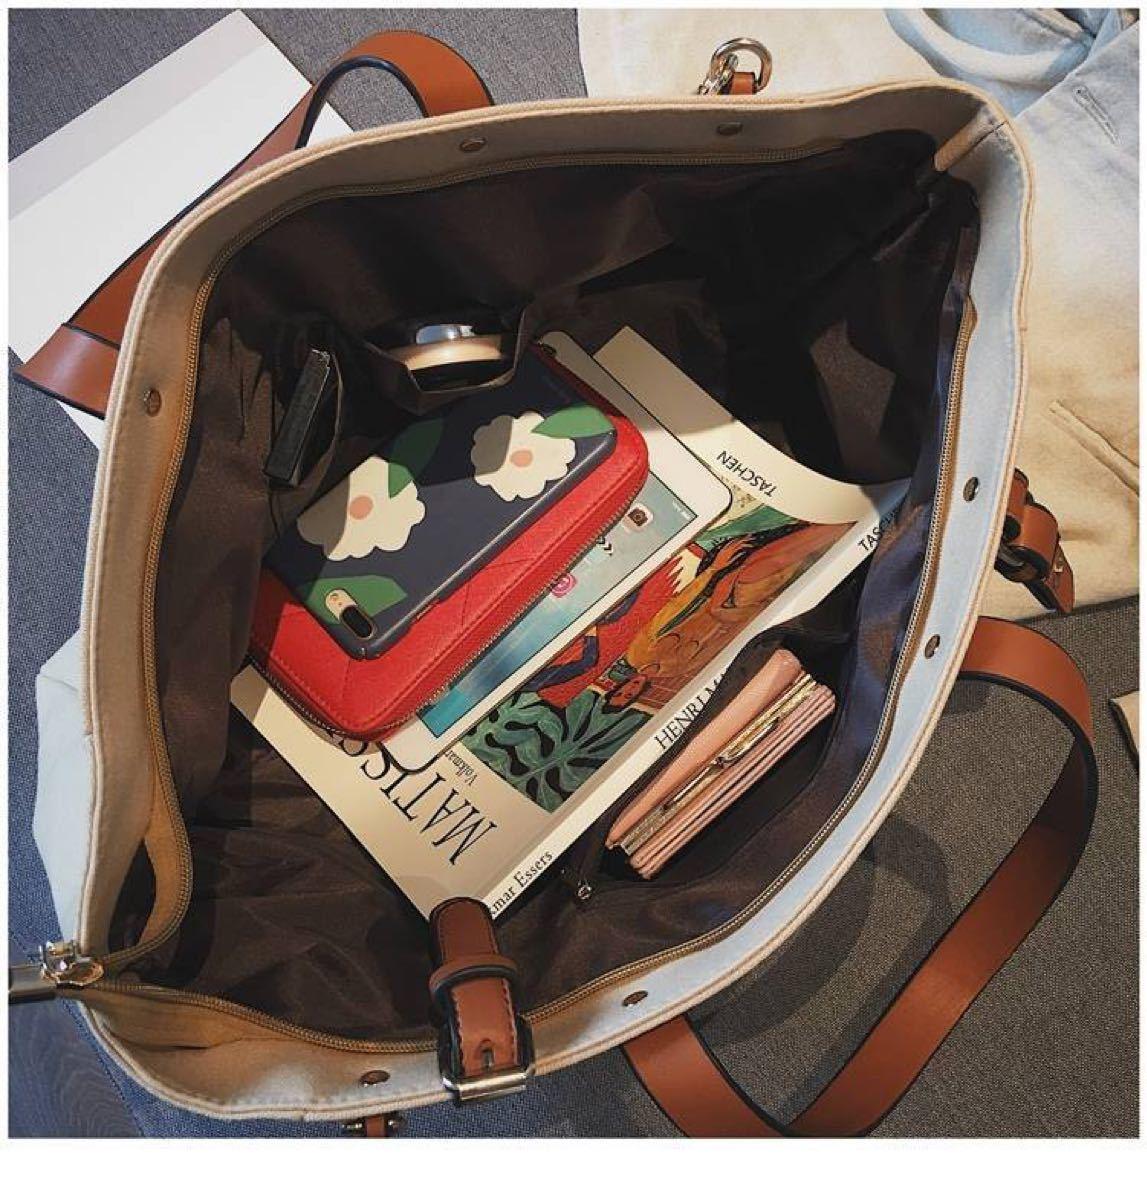 バッグ トートバッグ 2way ハンドバッグ 帆布 横長 ショルダーバッグ 人気 おしゃれ かわいい トートバッグ キャンバス